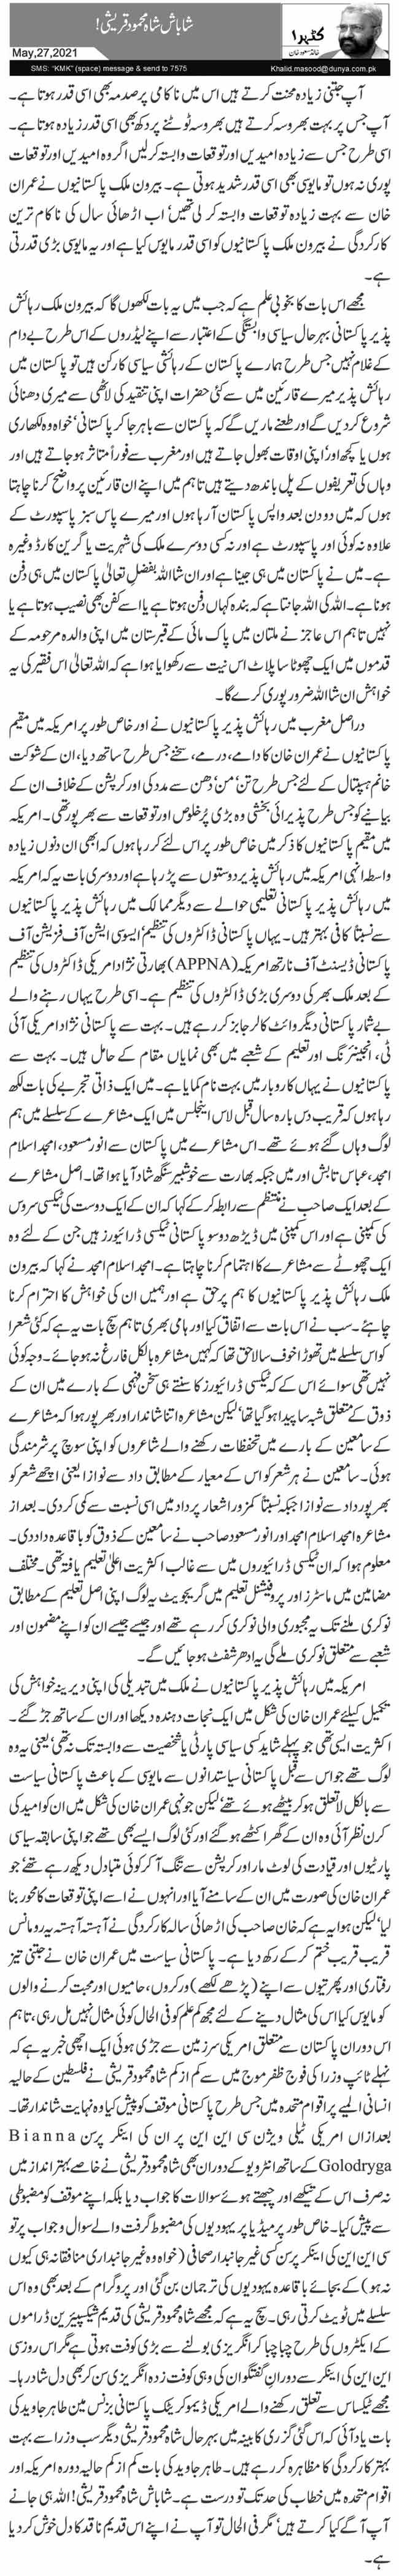 شاباش شاہ محمود قریشی!